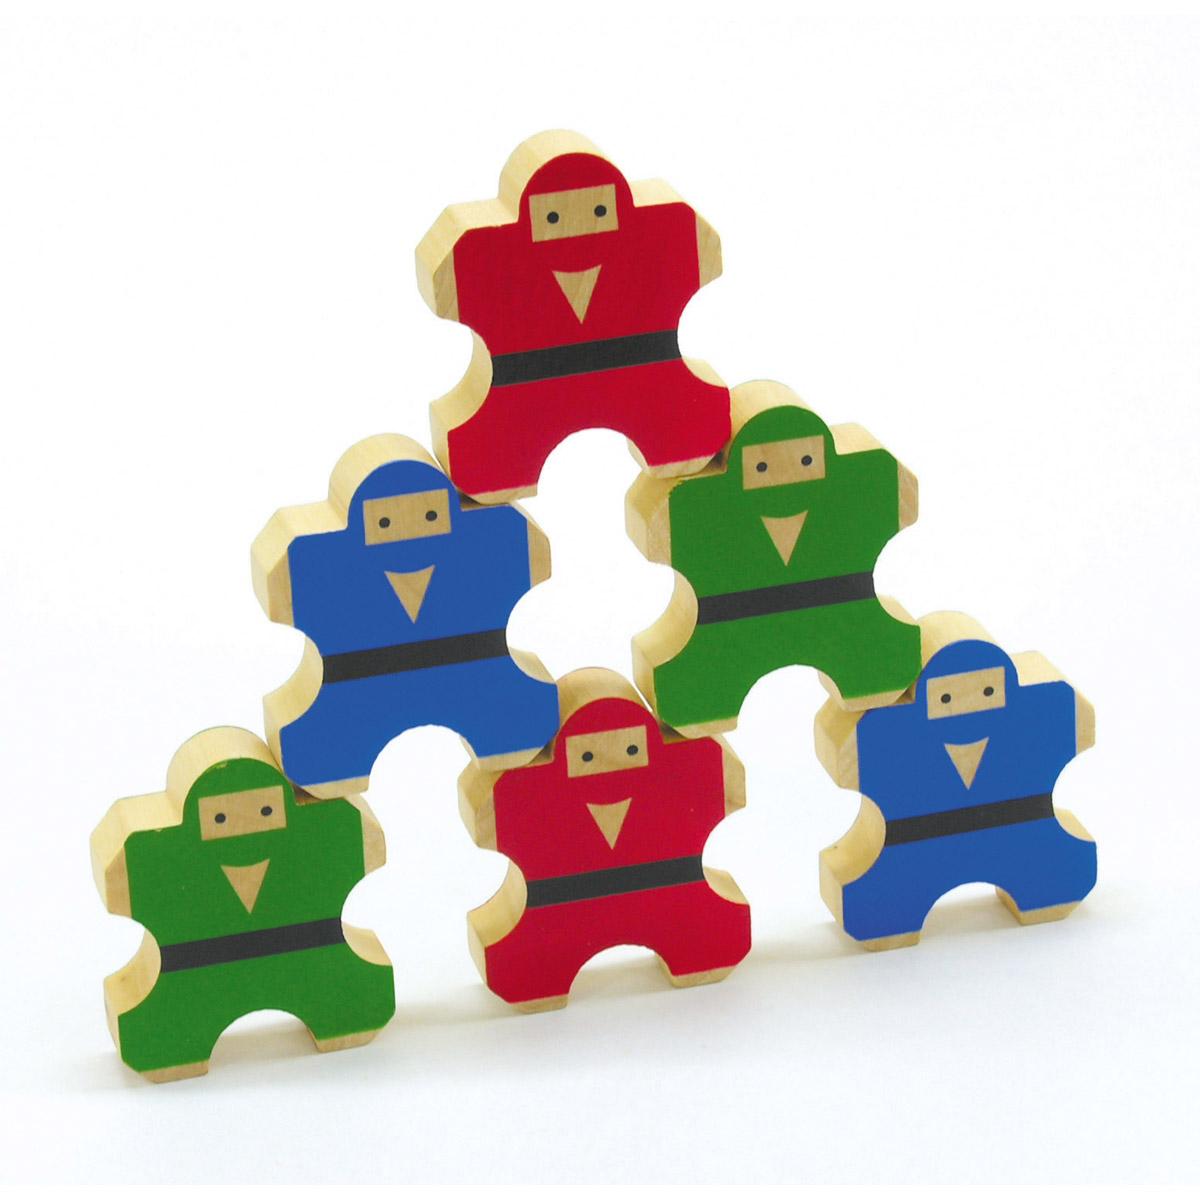 ゲーム のりのり忍者 子供 キッズ ゲーム おもちゃ 木製玩具 木のおもちゃ バランスゲーム 知育玩具 3歳 4歳 5歳 6歳 療育 OT 手先の訓練 作業療法